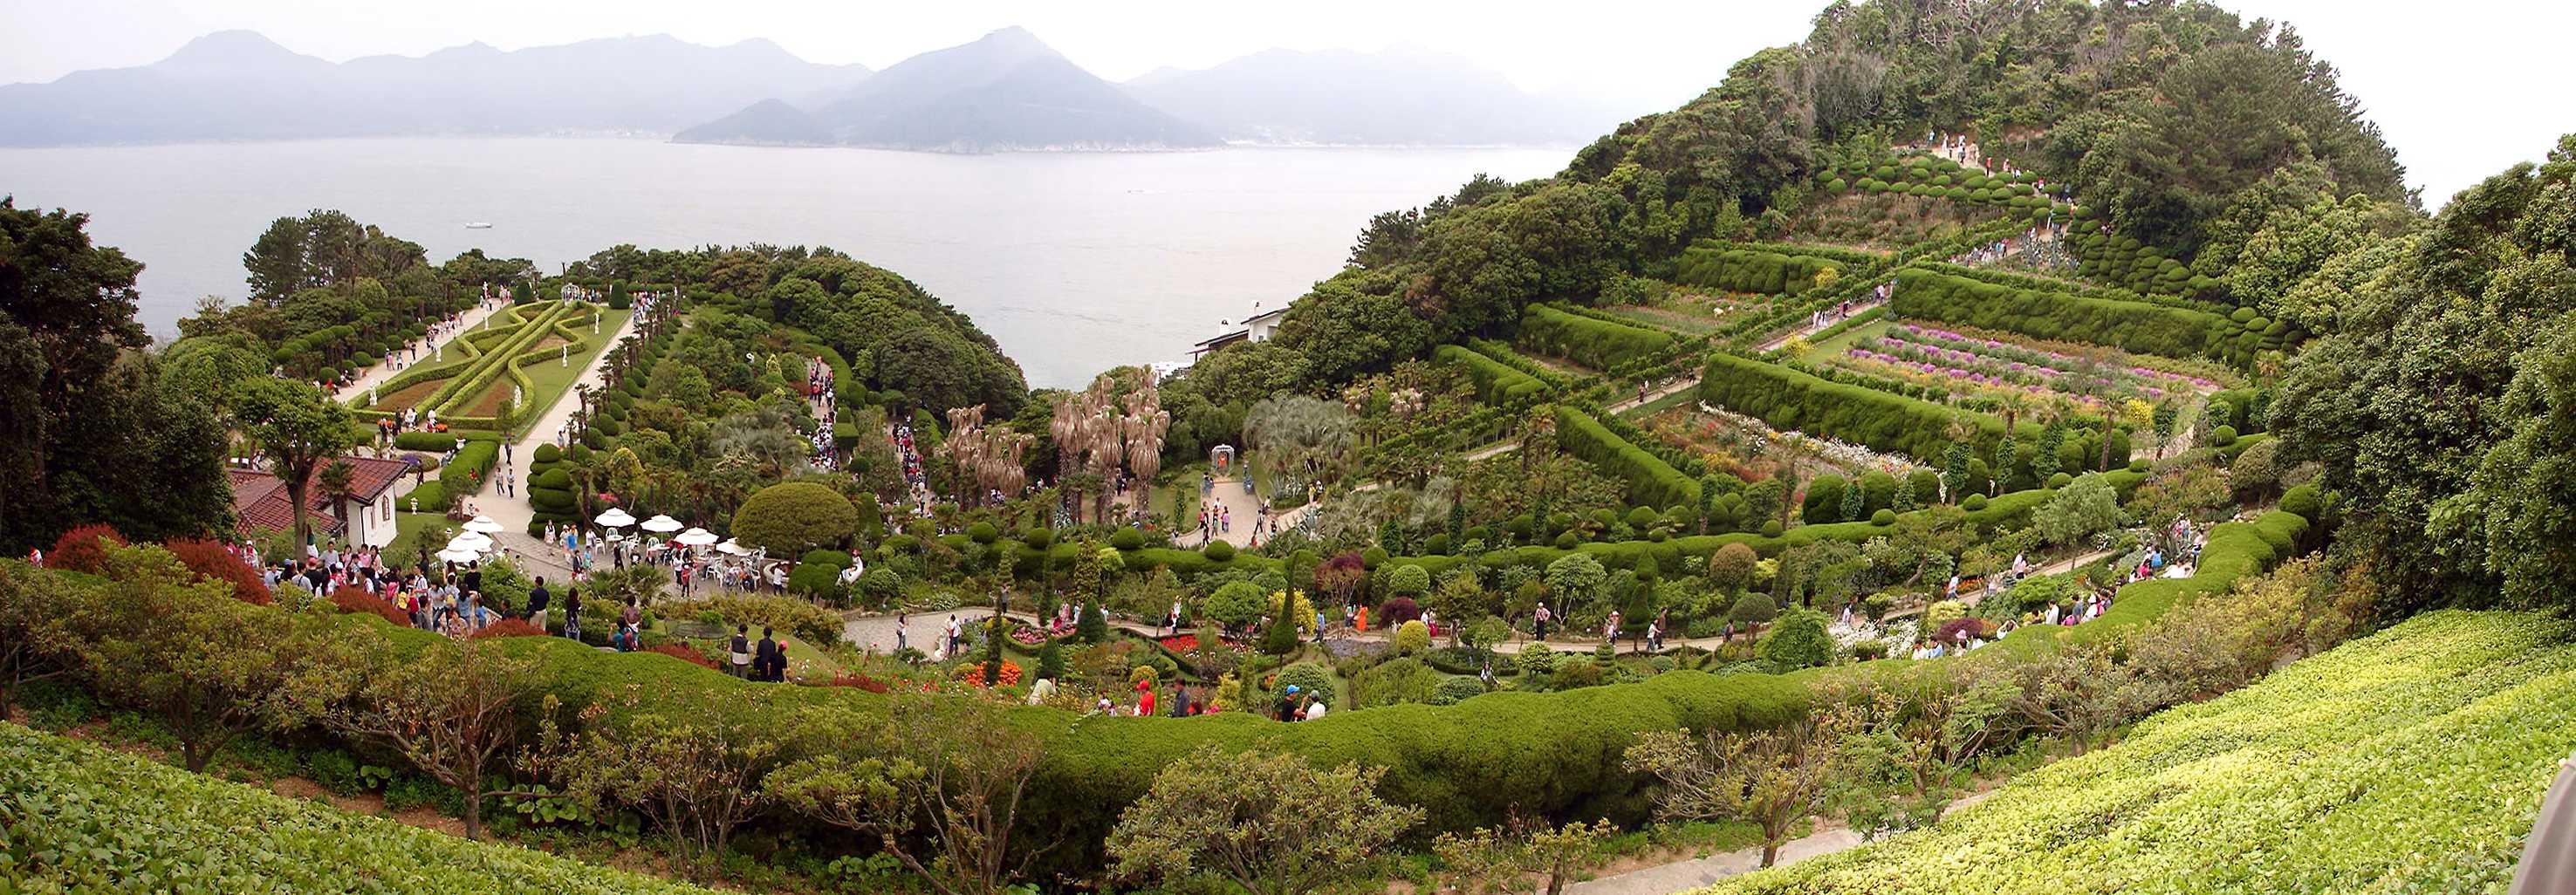 Oedo Botania South Korea